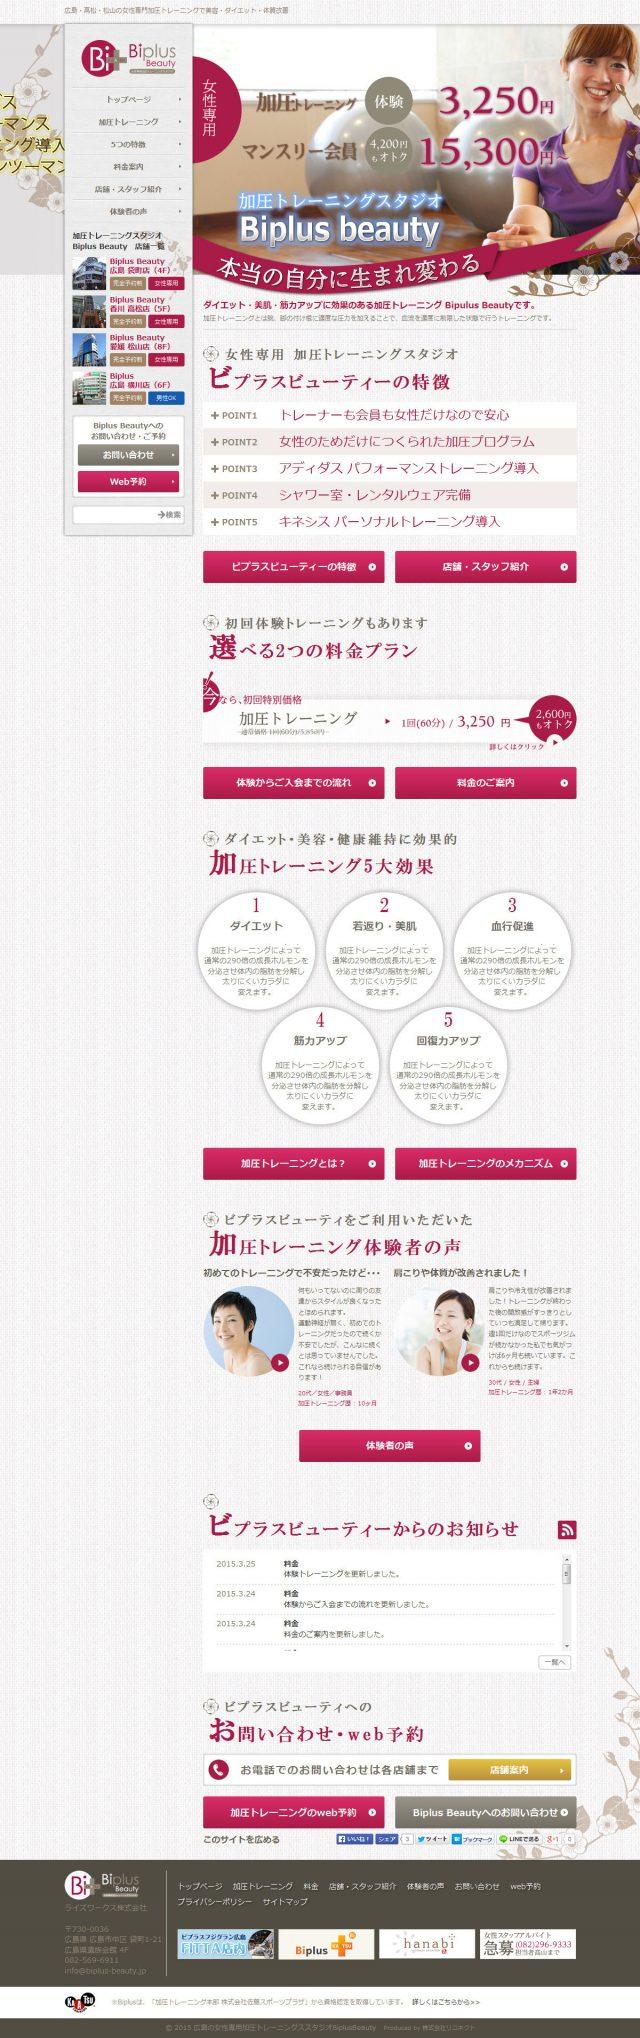 広島県広島市 女性専用加圧トレーニングスタジオのBiplus Beauty 様